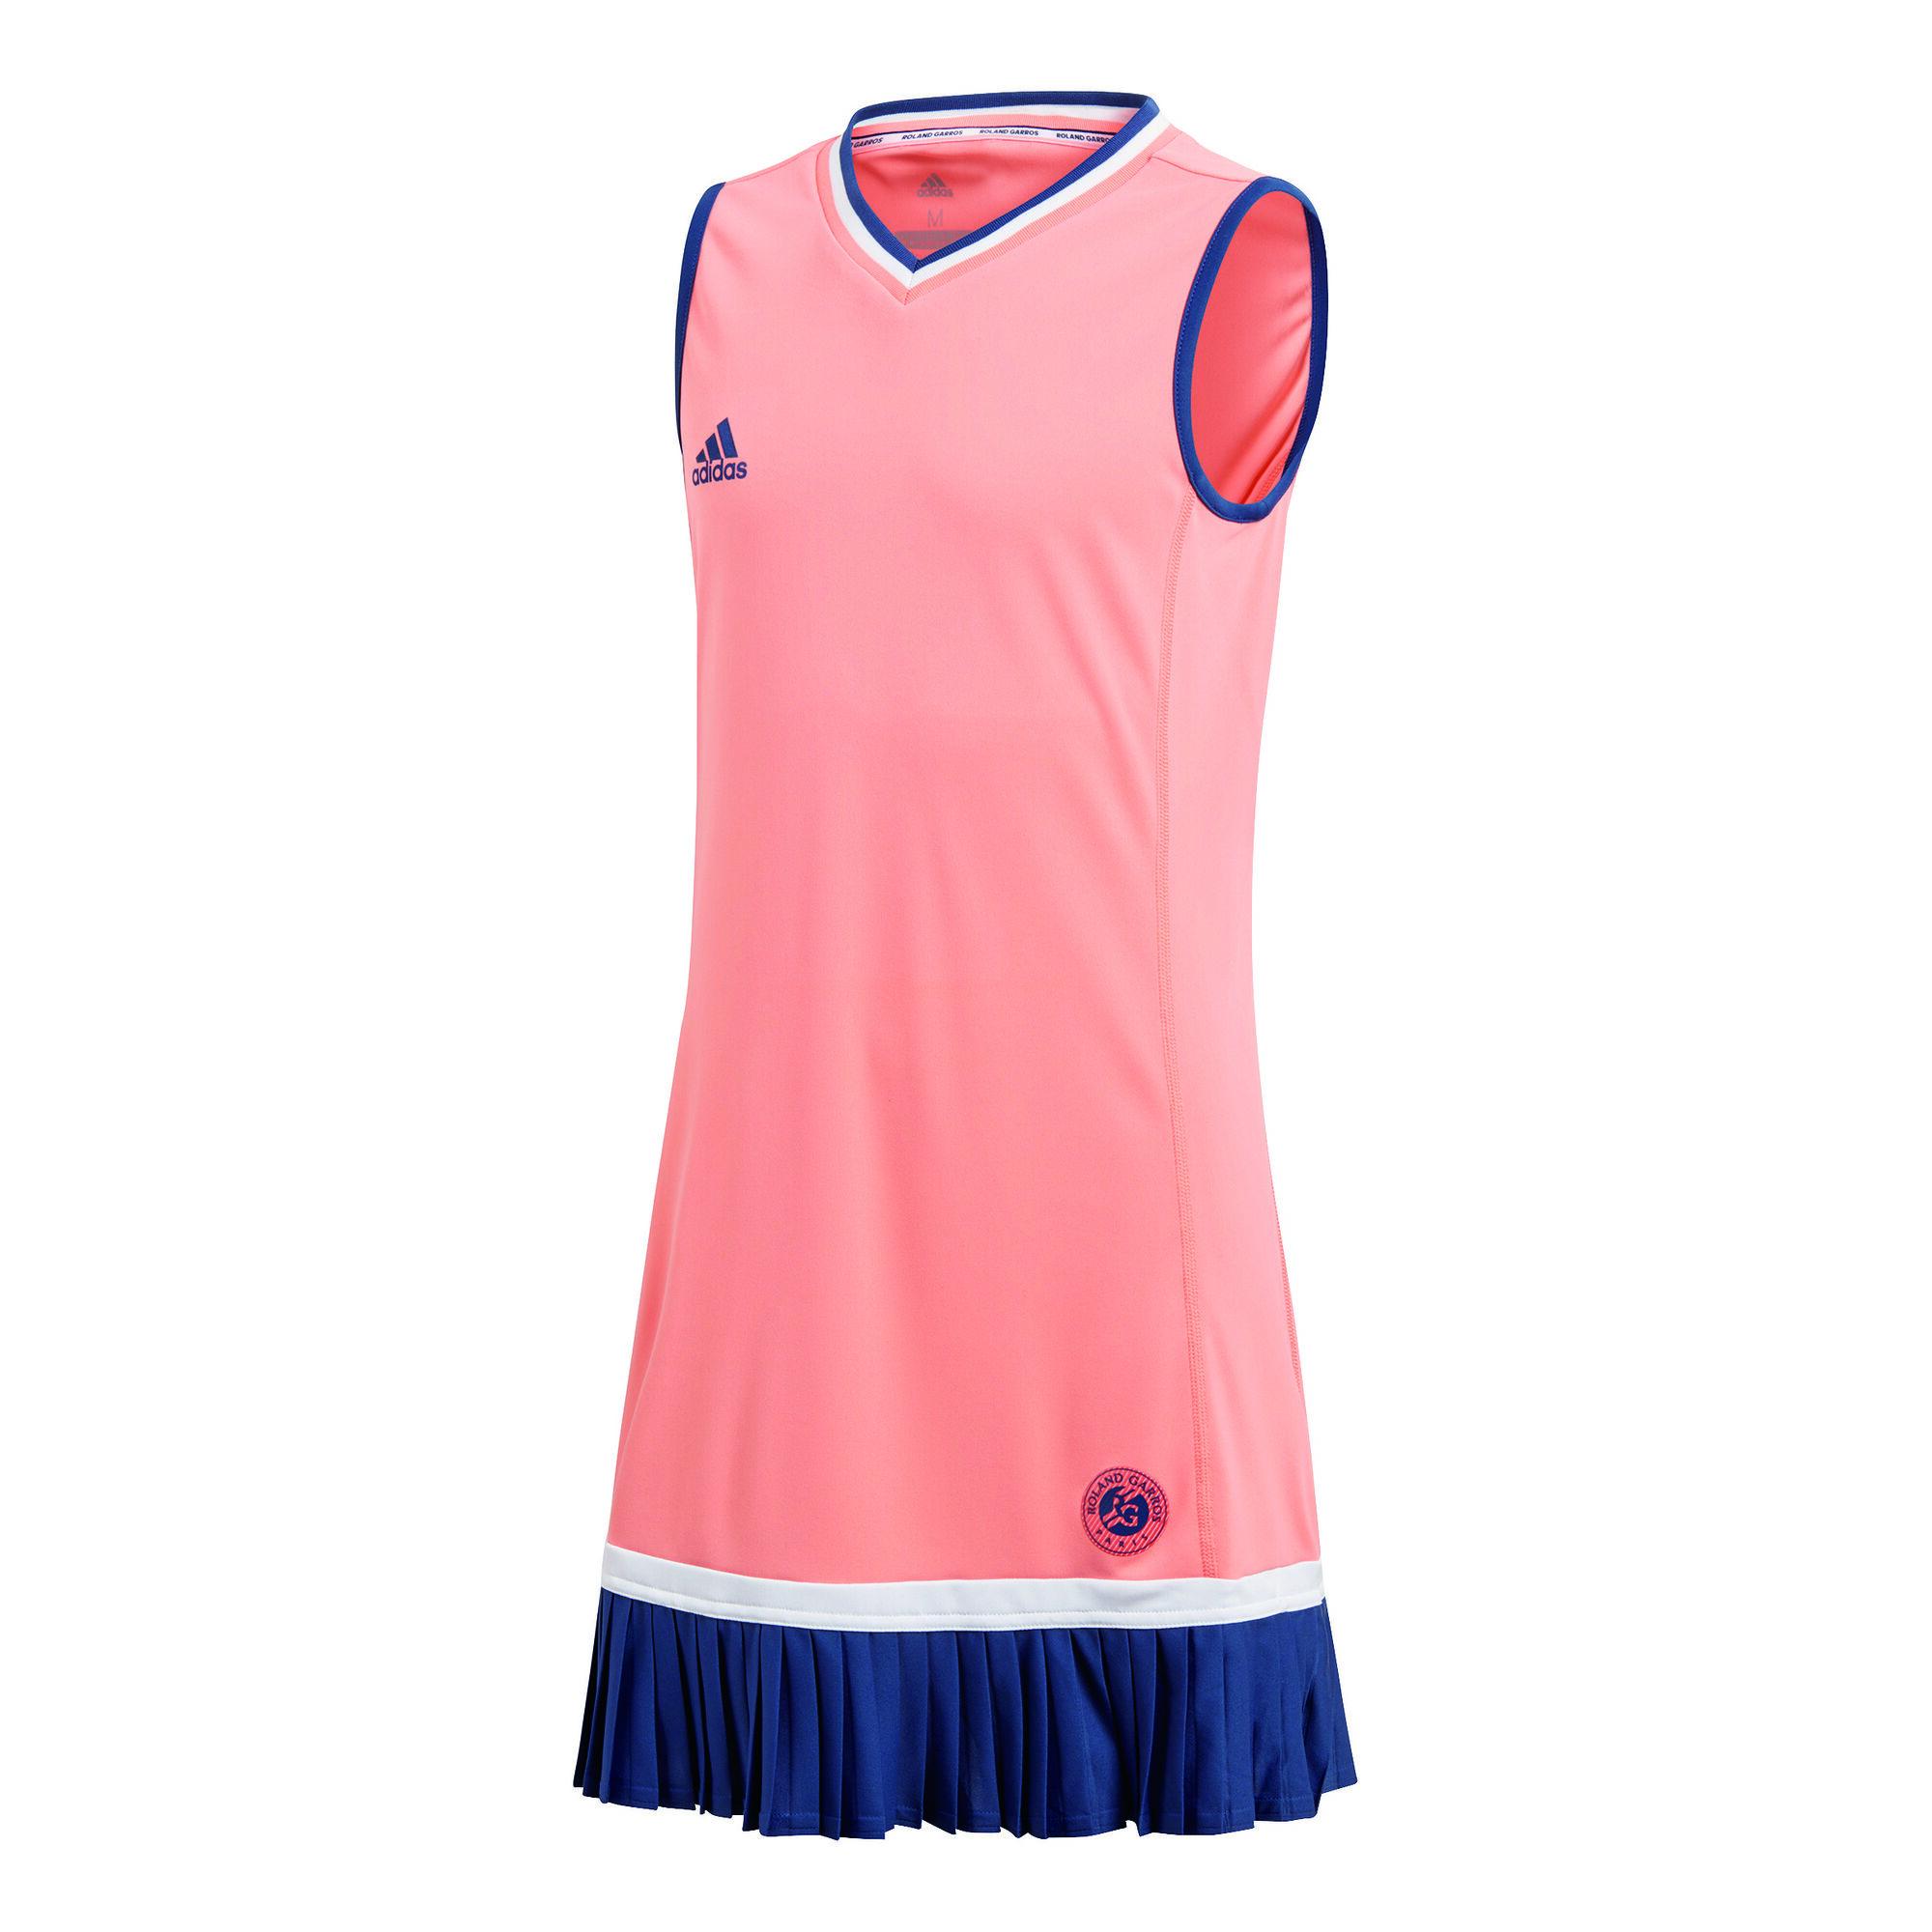 adidas Roland Garros Kleid Mädchen - Koralle, Dunkelblau ...